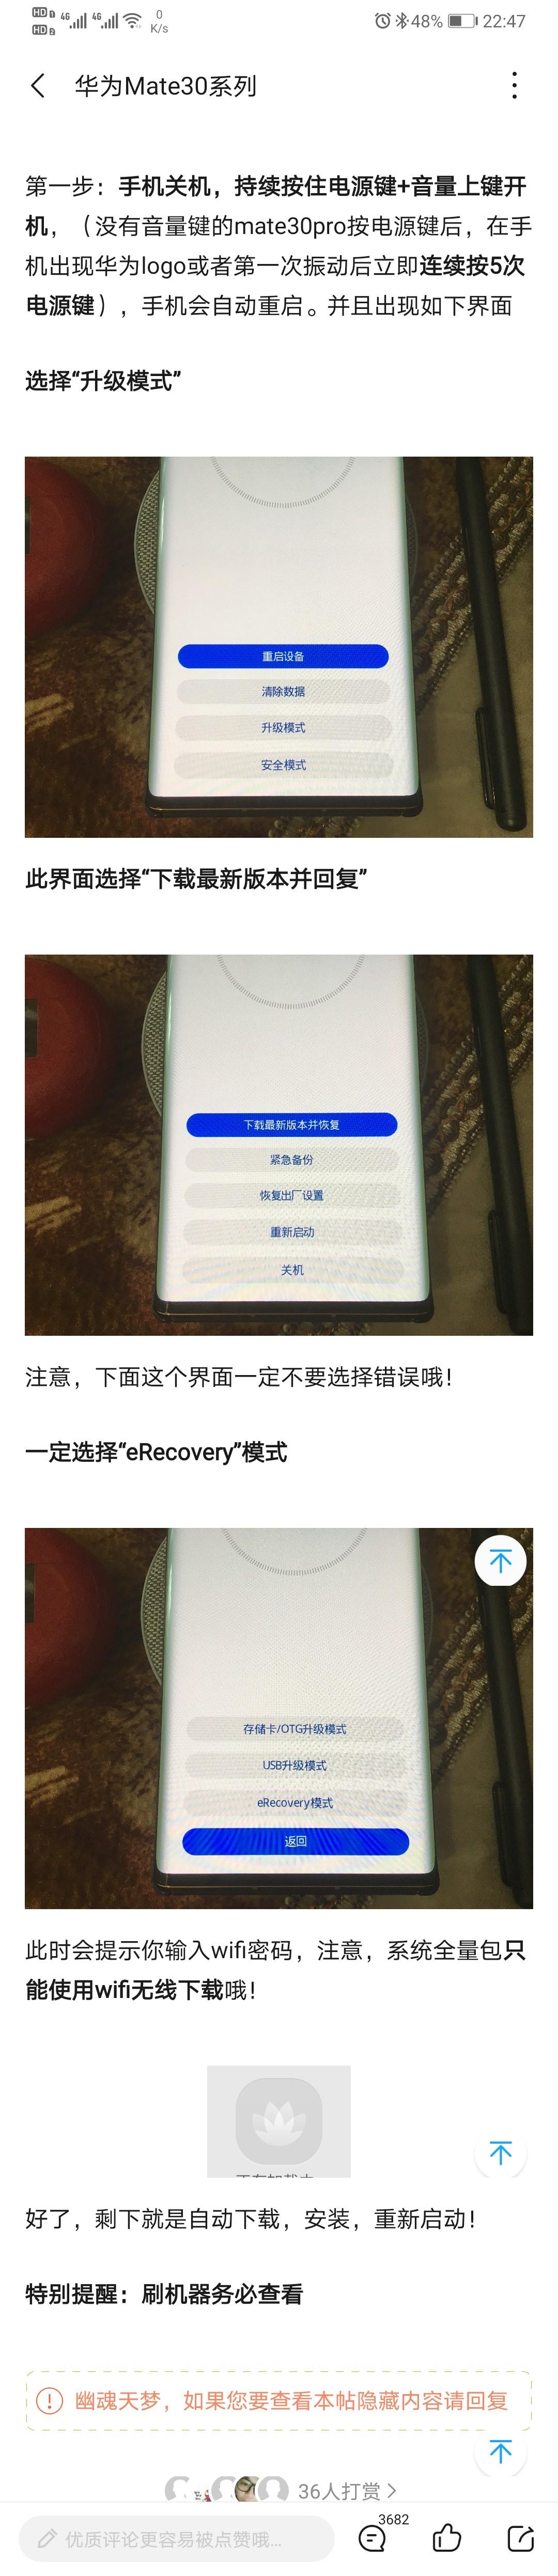 Screenshot_20200511_224737_com.huawei.fans.jpg